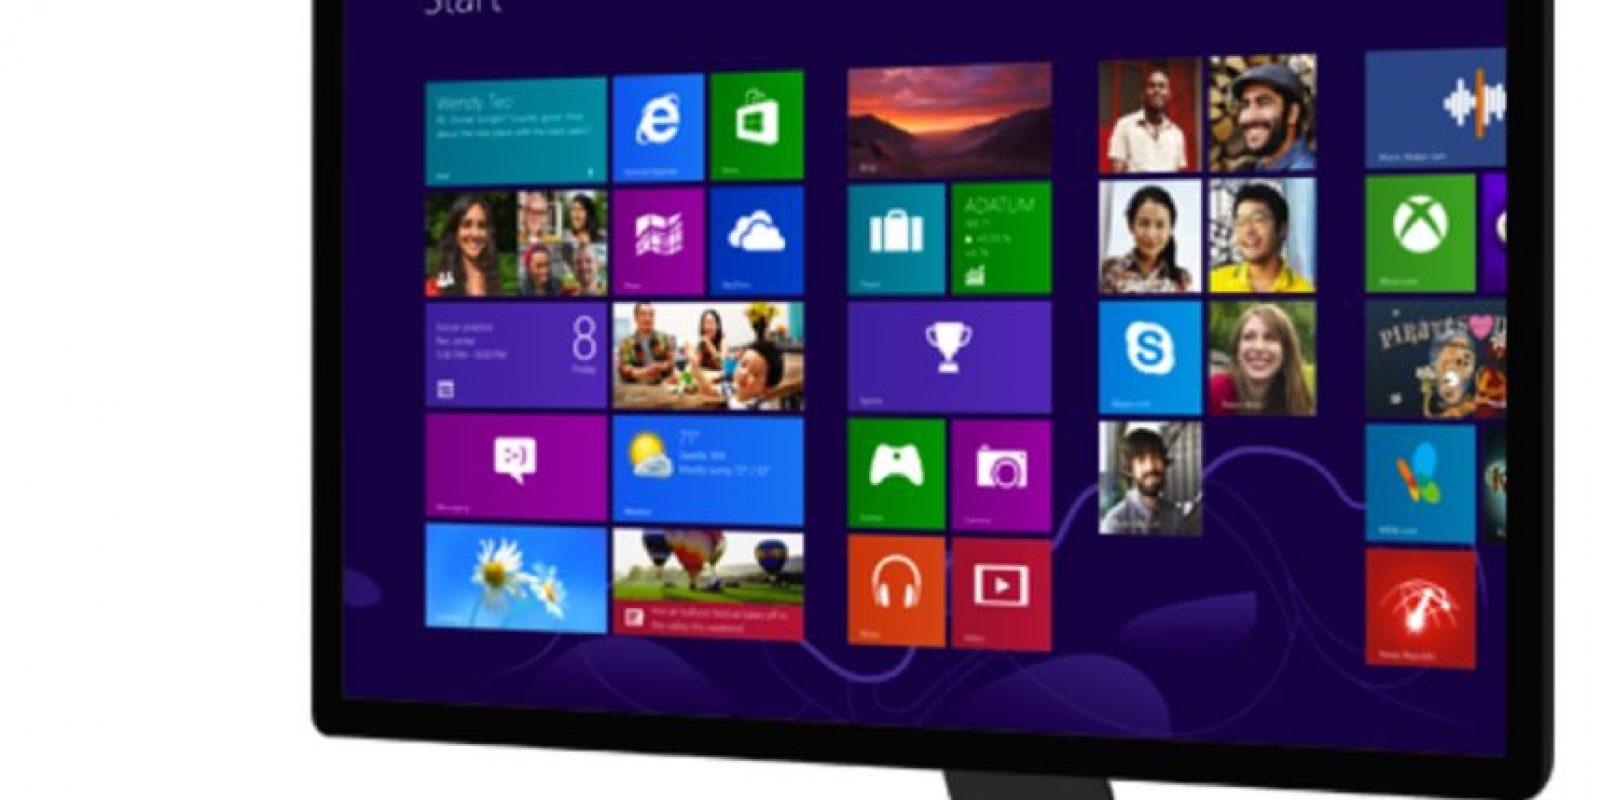 Windows 8 llegó para todos los dispositivos de Microsoft. El nuevo diseño y la innovación de aplicaciones por paneles modernizó el sistema operativo Foto:windows.microsoft.com